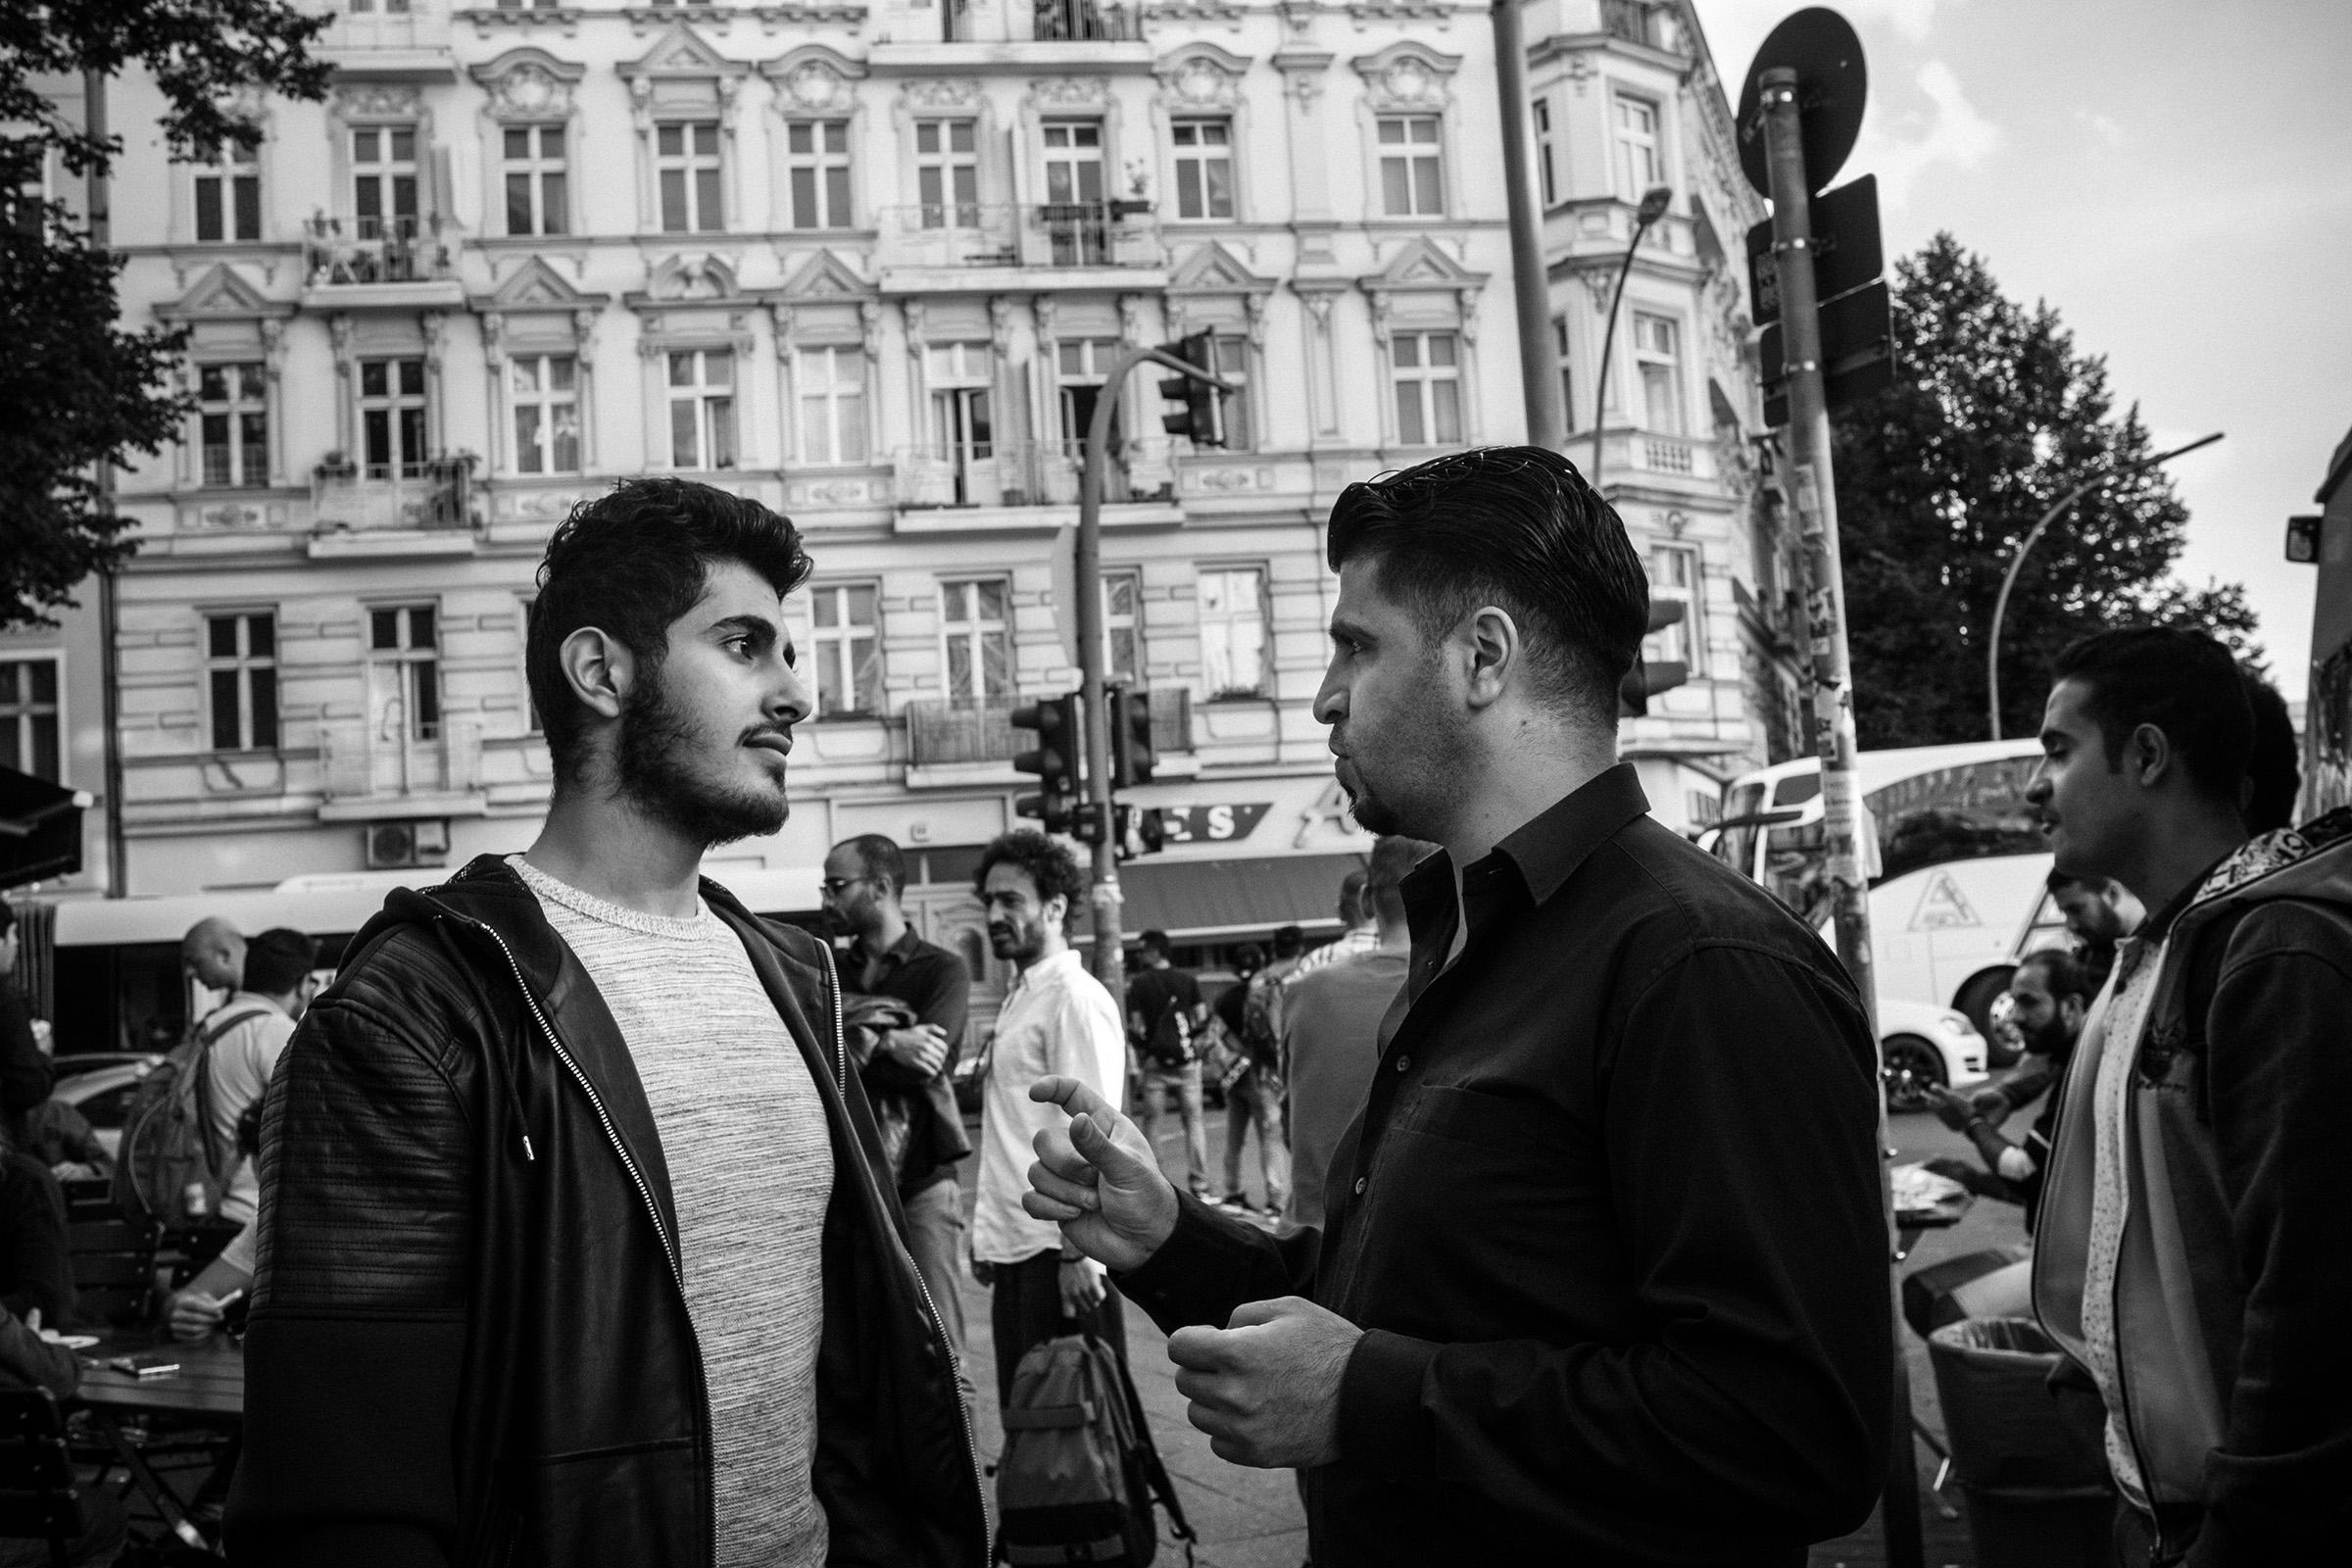 fluechtlinge-syrien-berlin-asyl-integration-sonnenallee